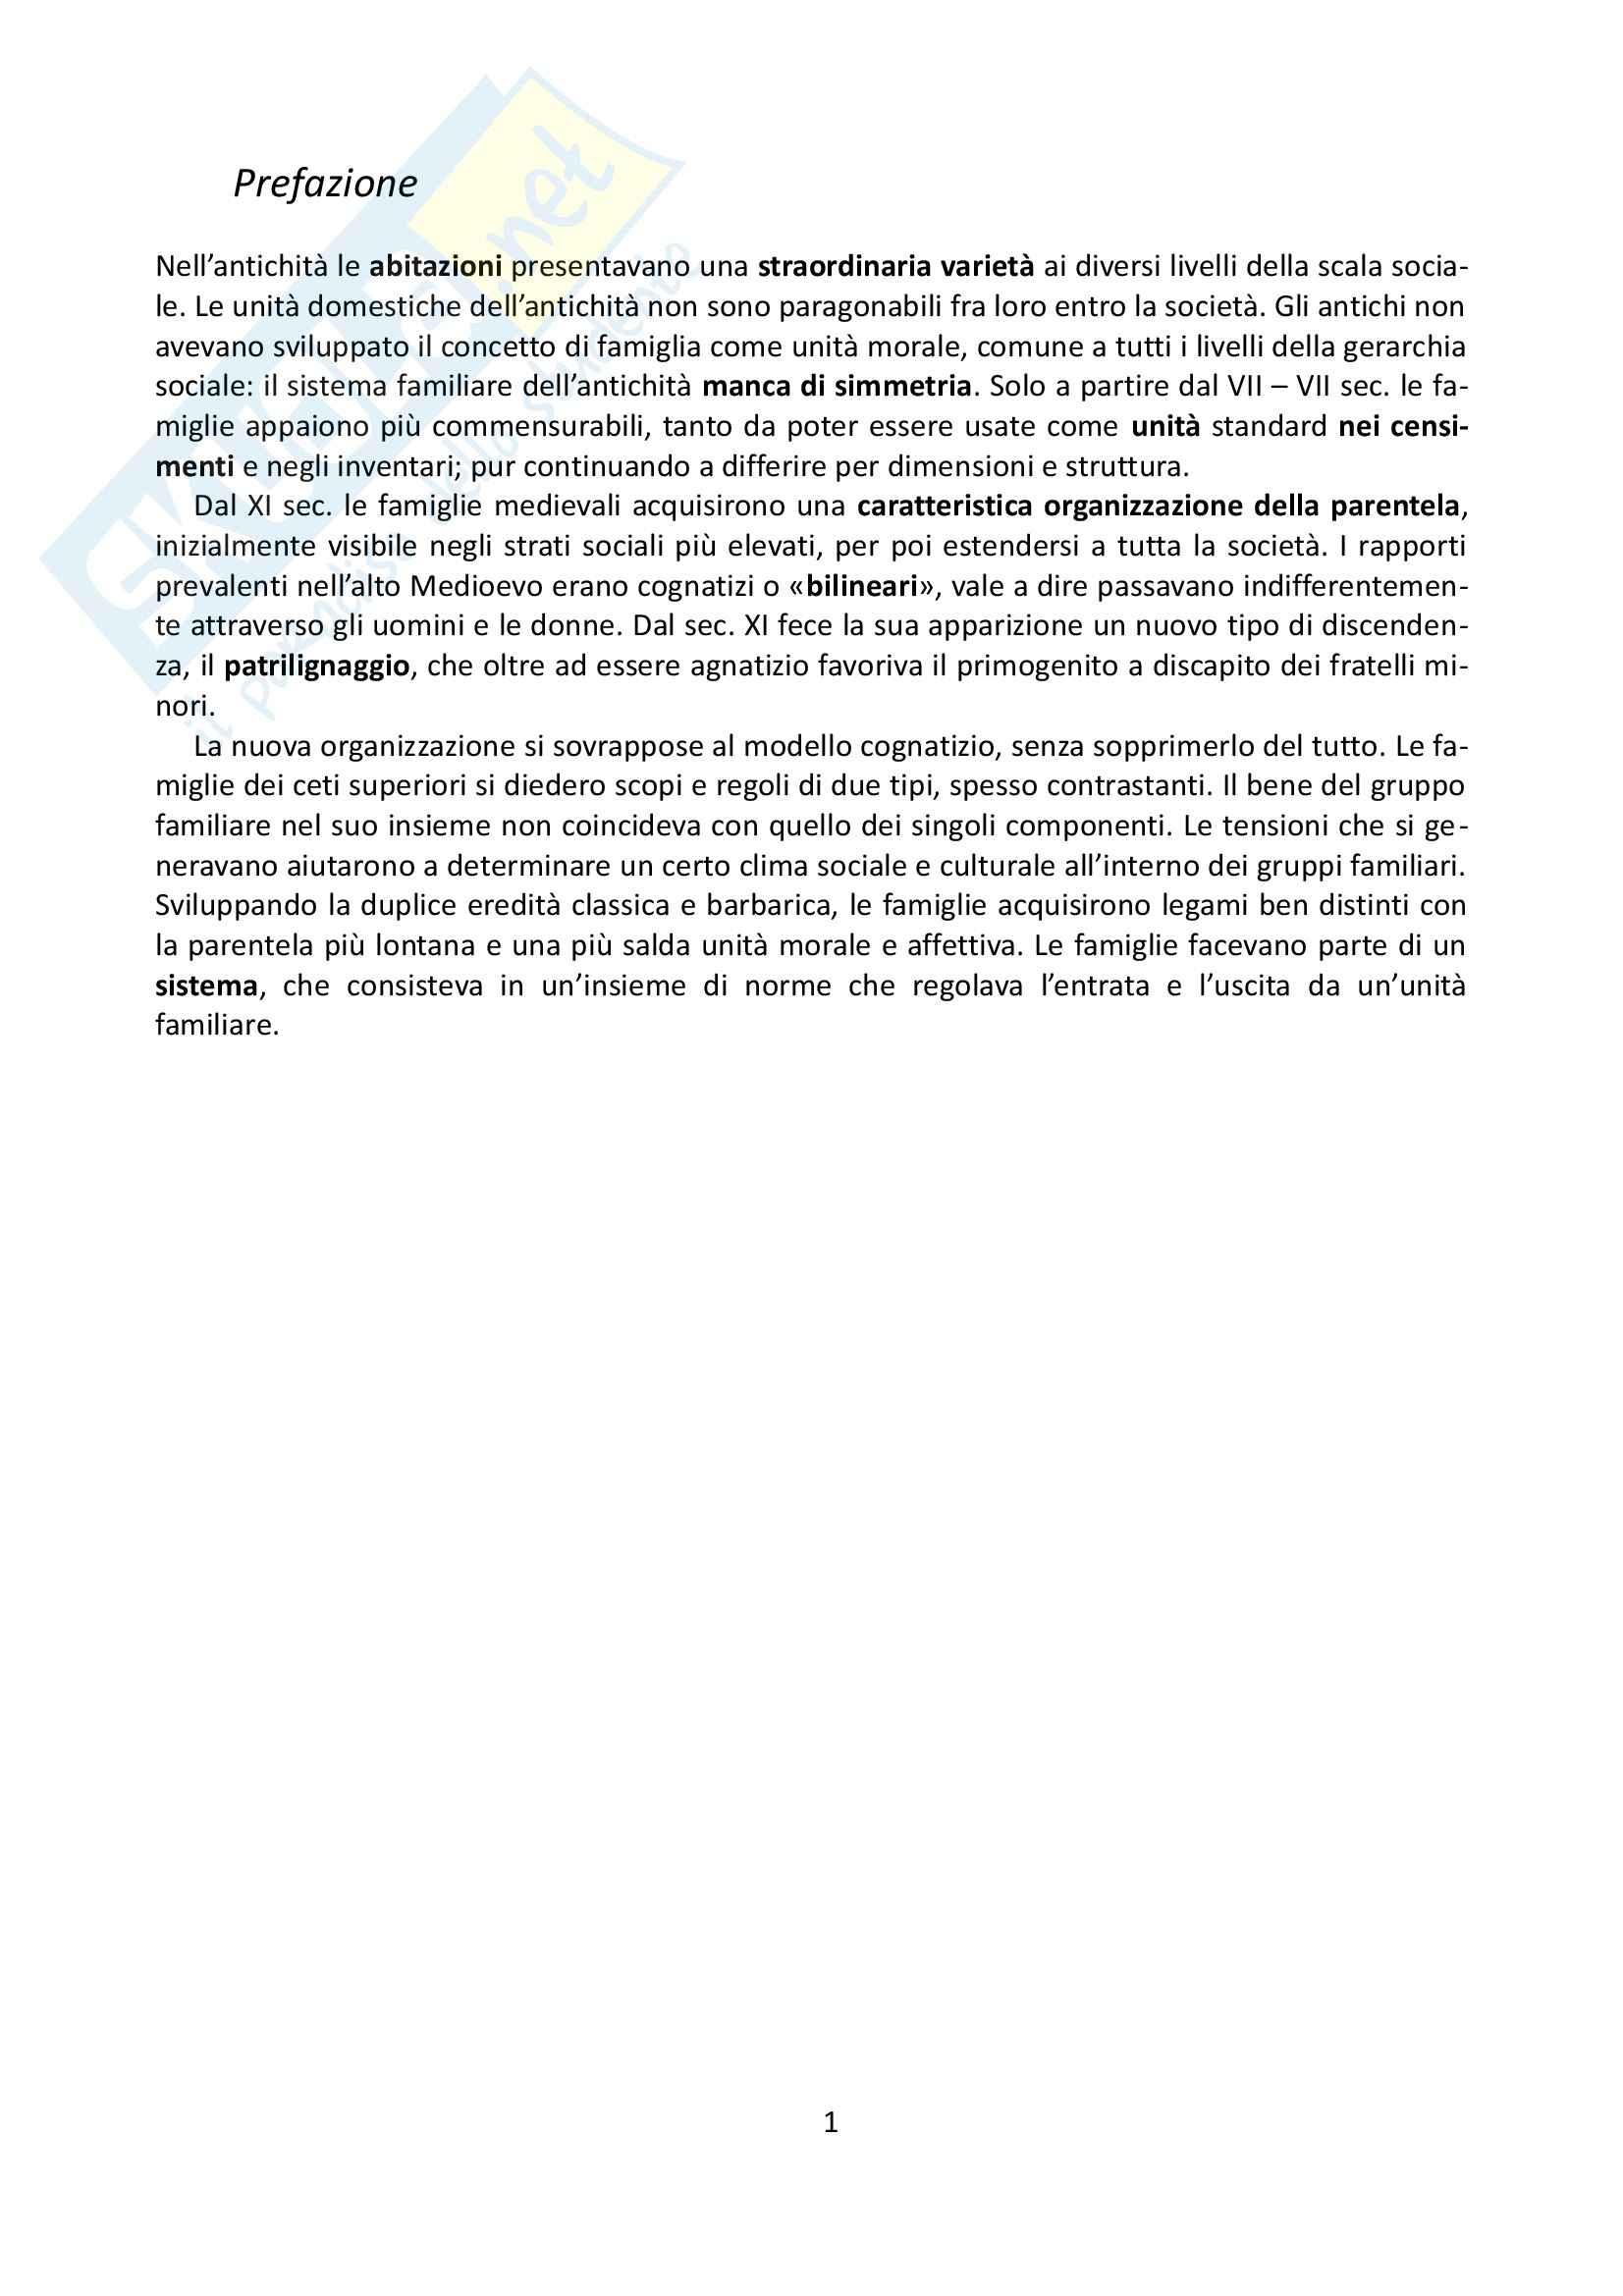 Riassunto esame Storia, prof. Grillo, libro consigliato La famiglia nel Medioevo, Herlihy